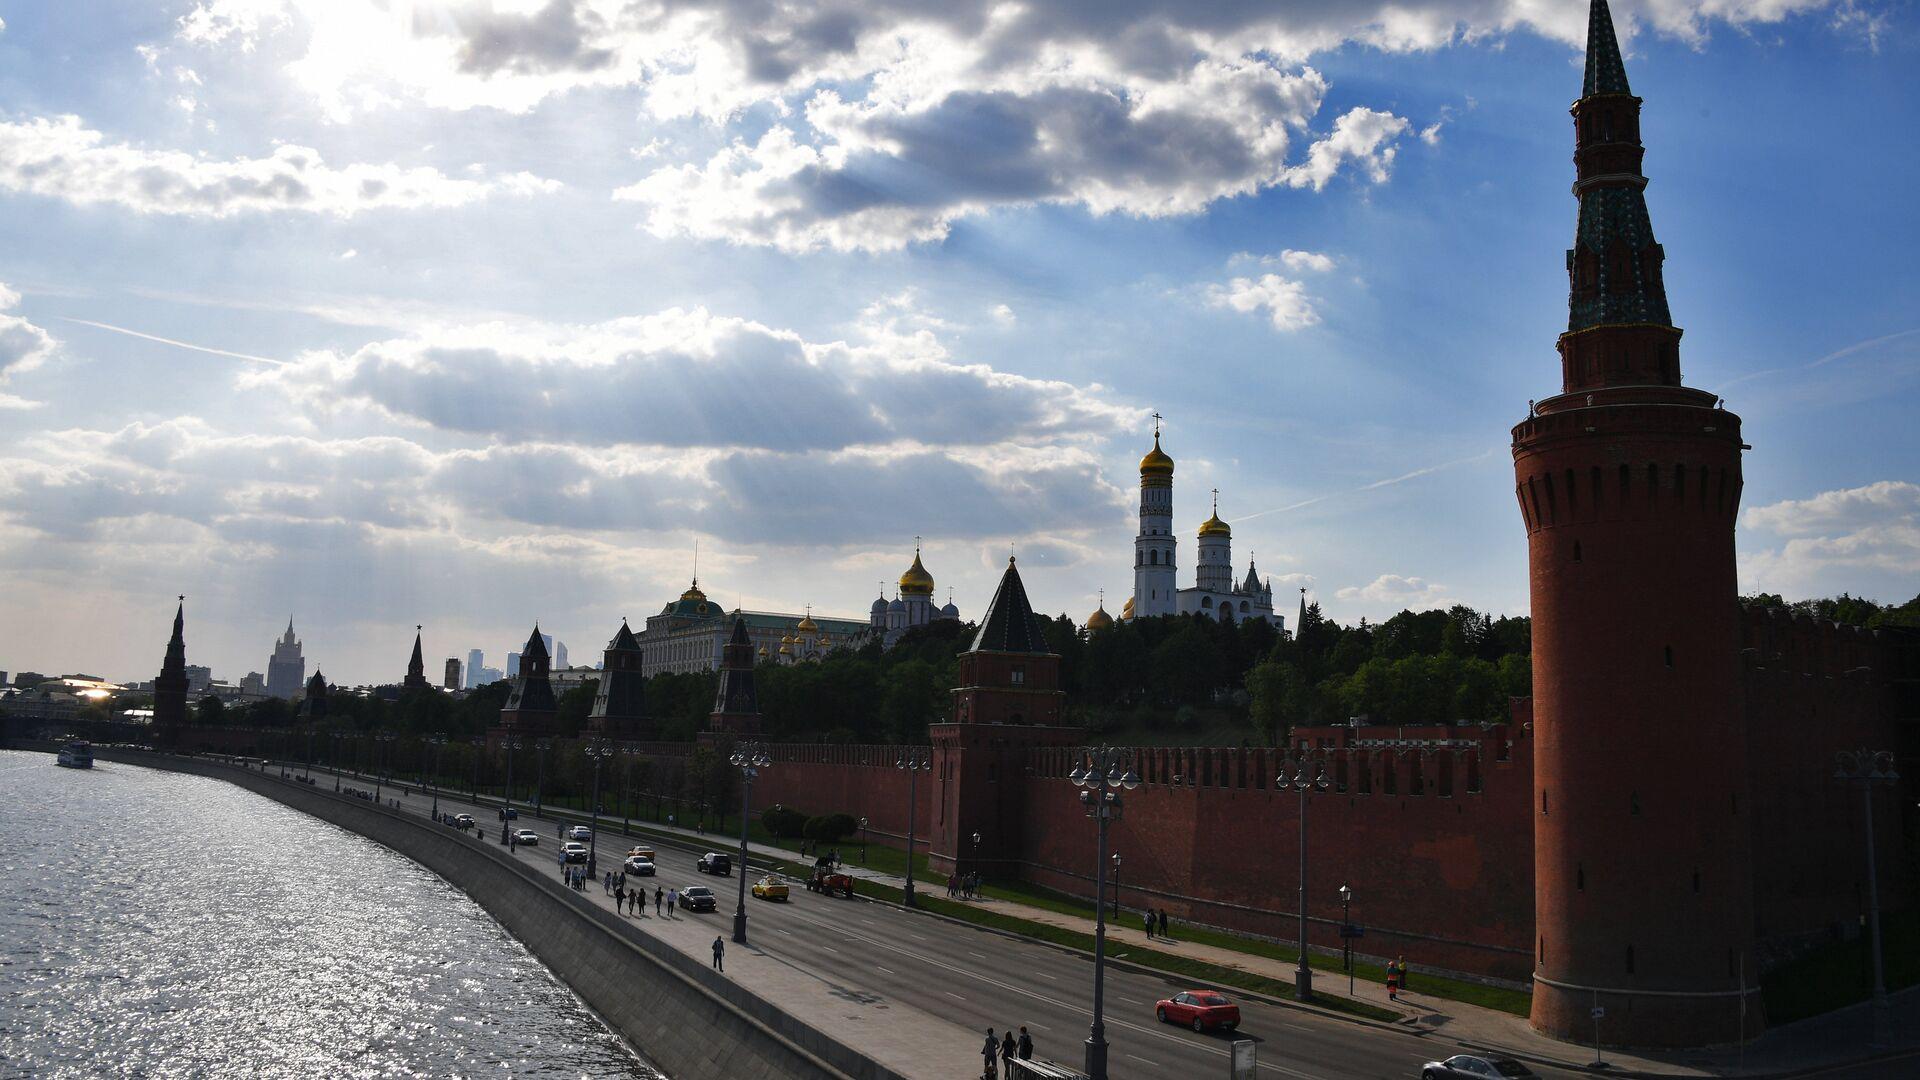 Московский Кремль и Кремлевская набережная. - Sputnik Армения, 1920, 21.09.2021